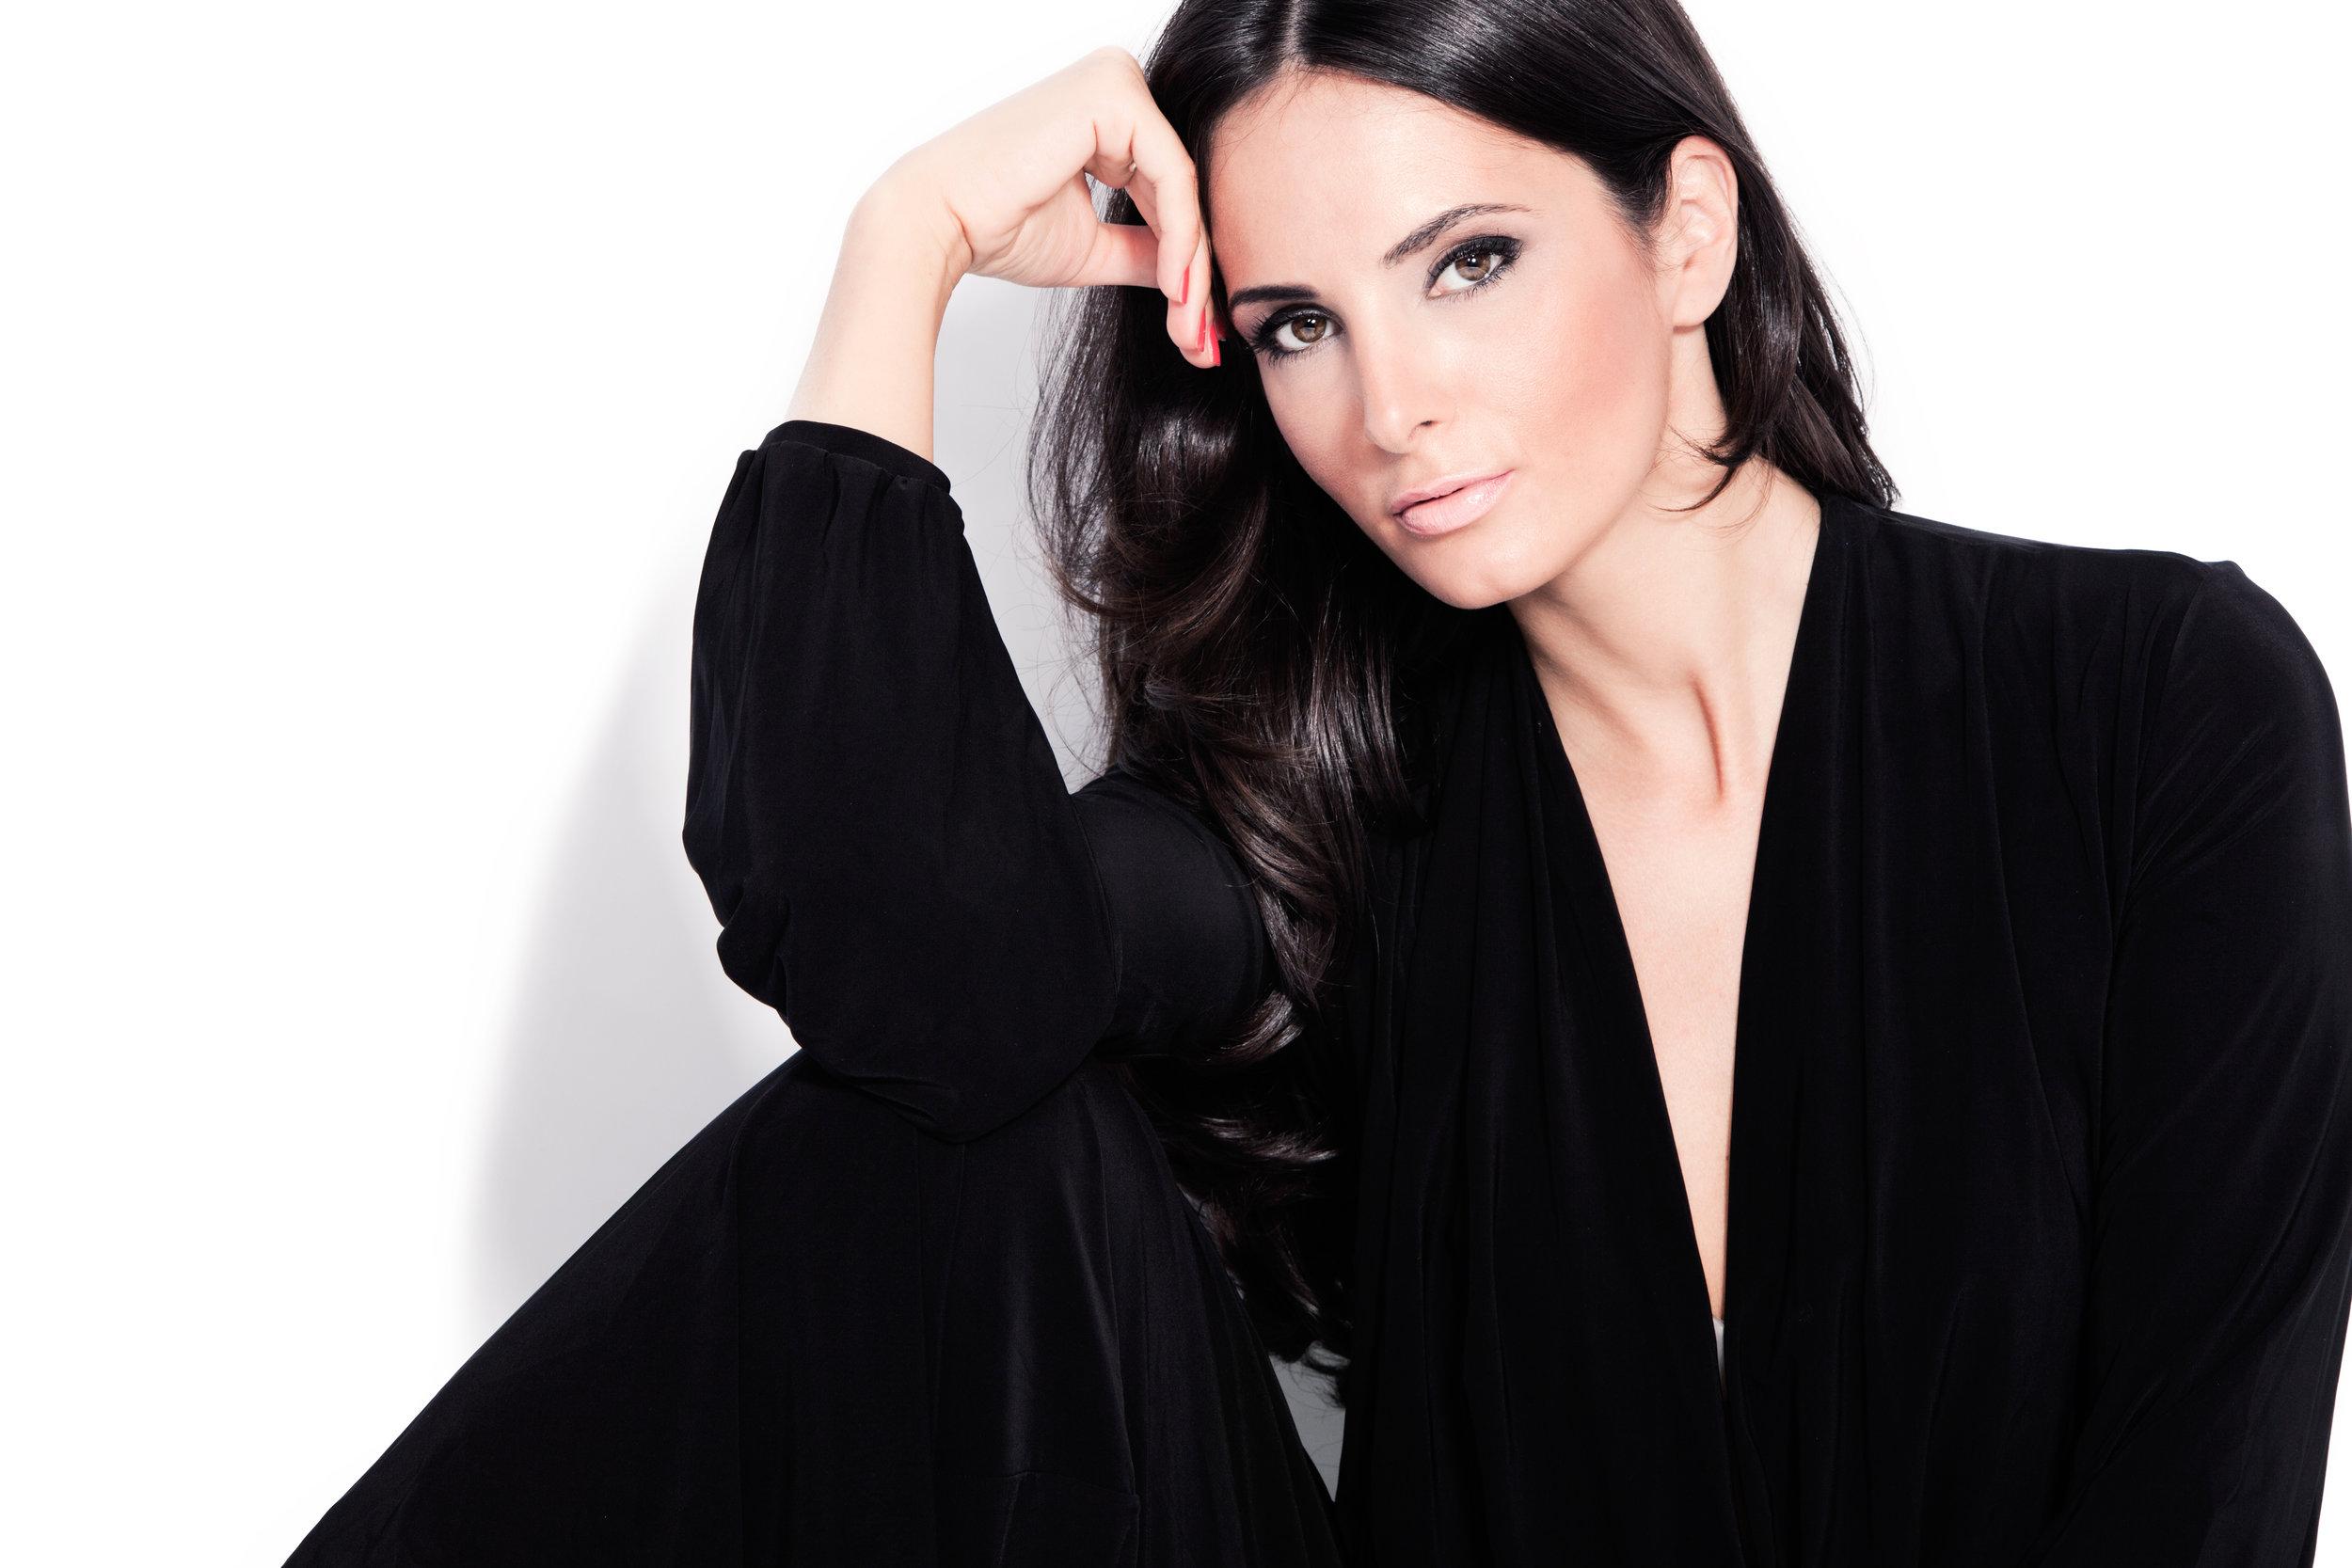 Woman Wearing Black Dress-107582456-ShutterStock.jpg